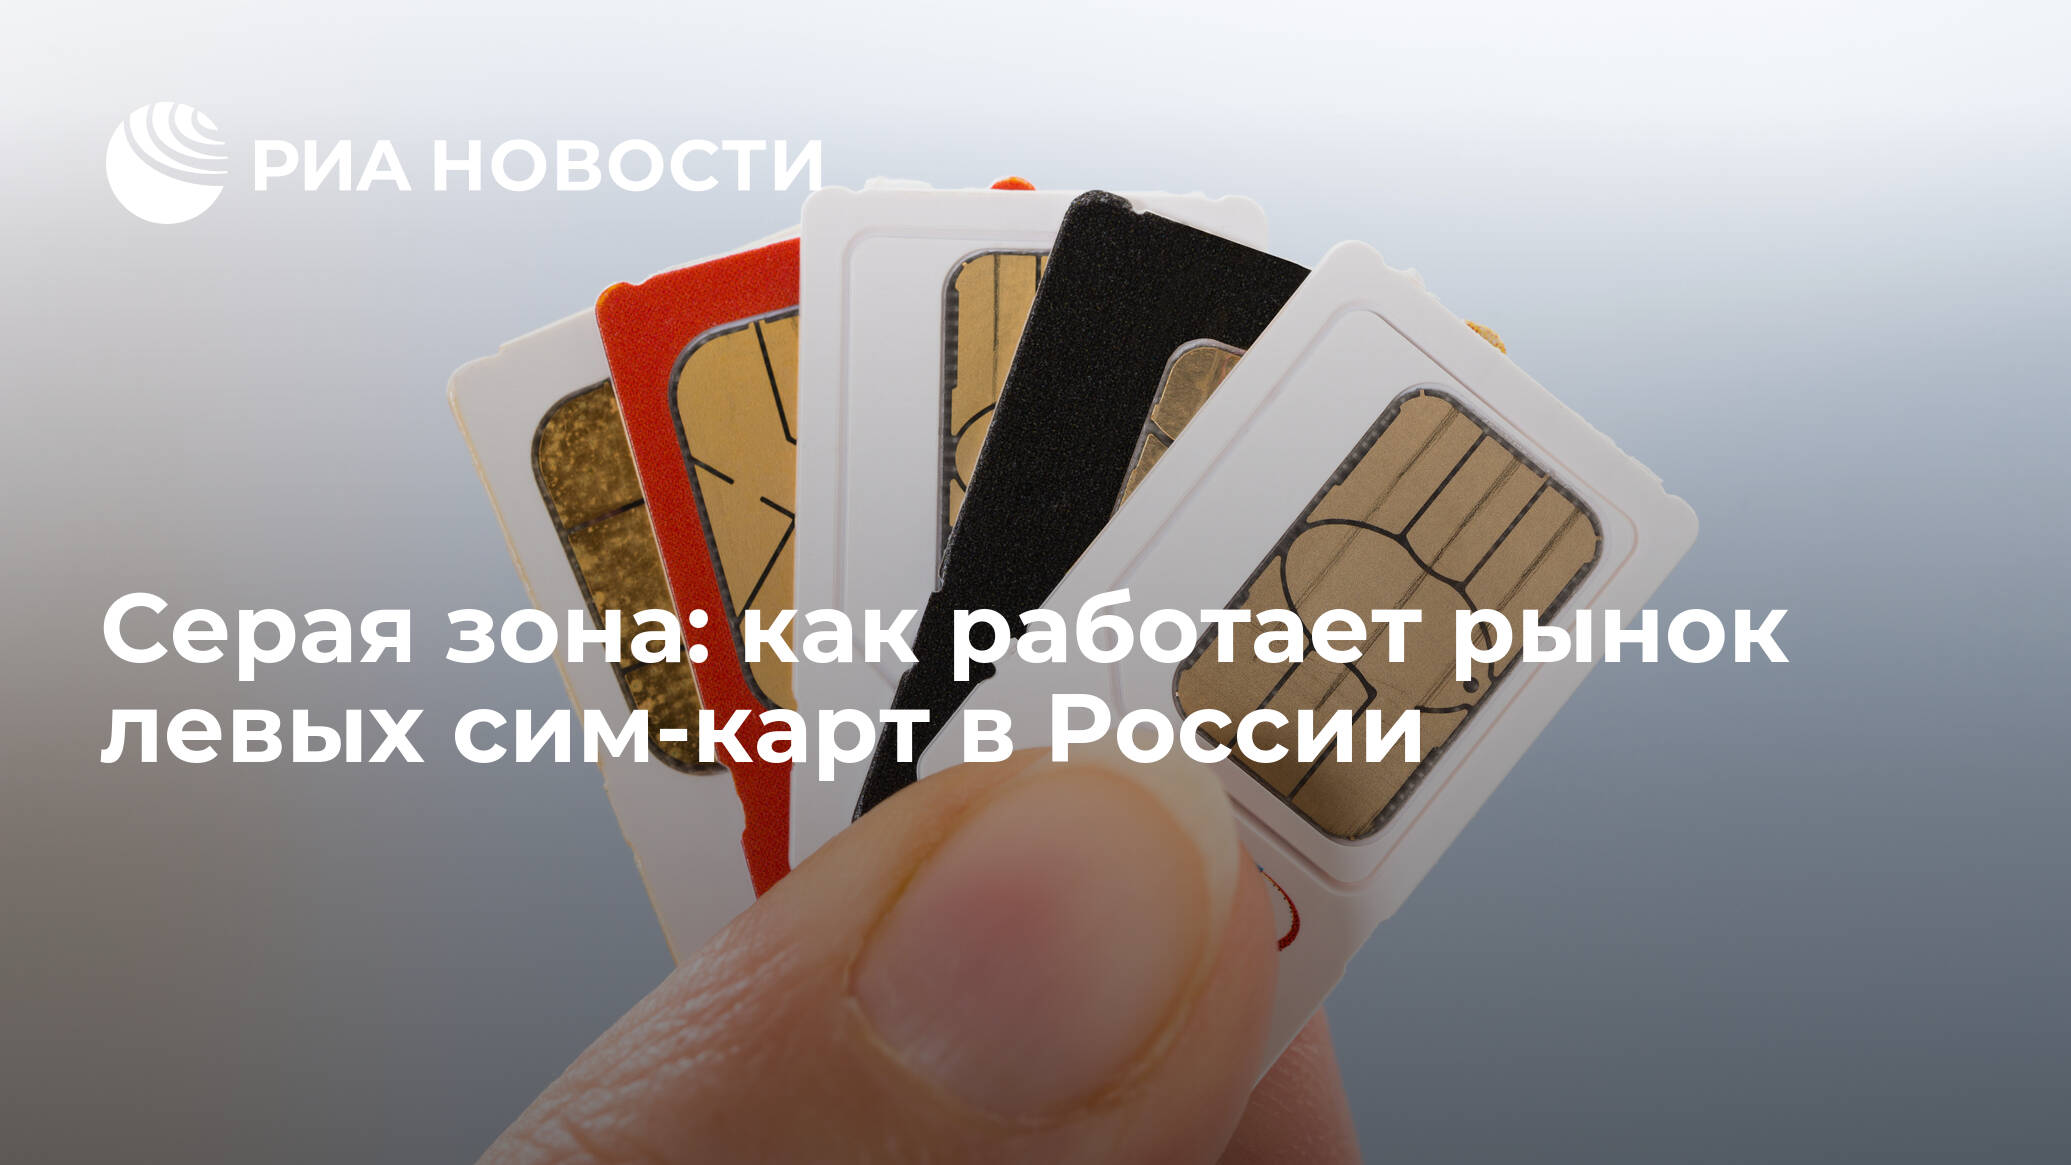 кредит на баланс мобильного телефона павлодар